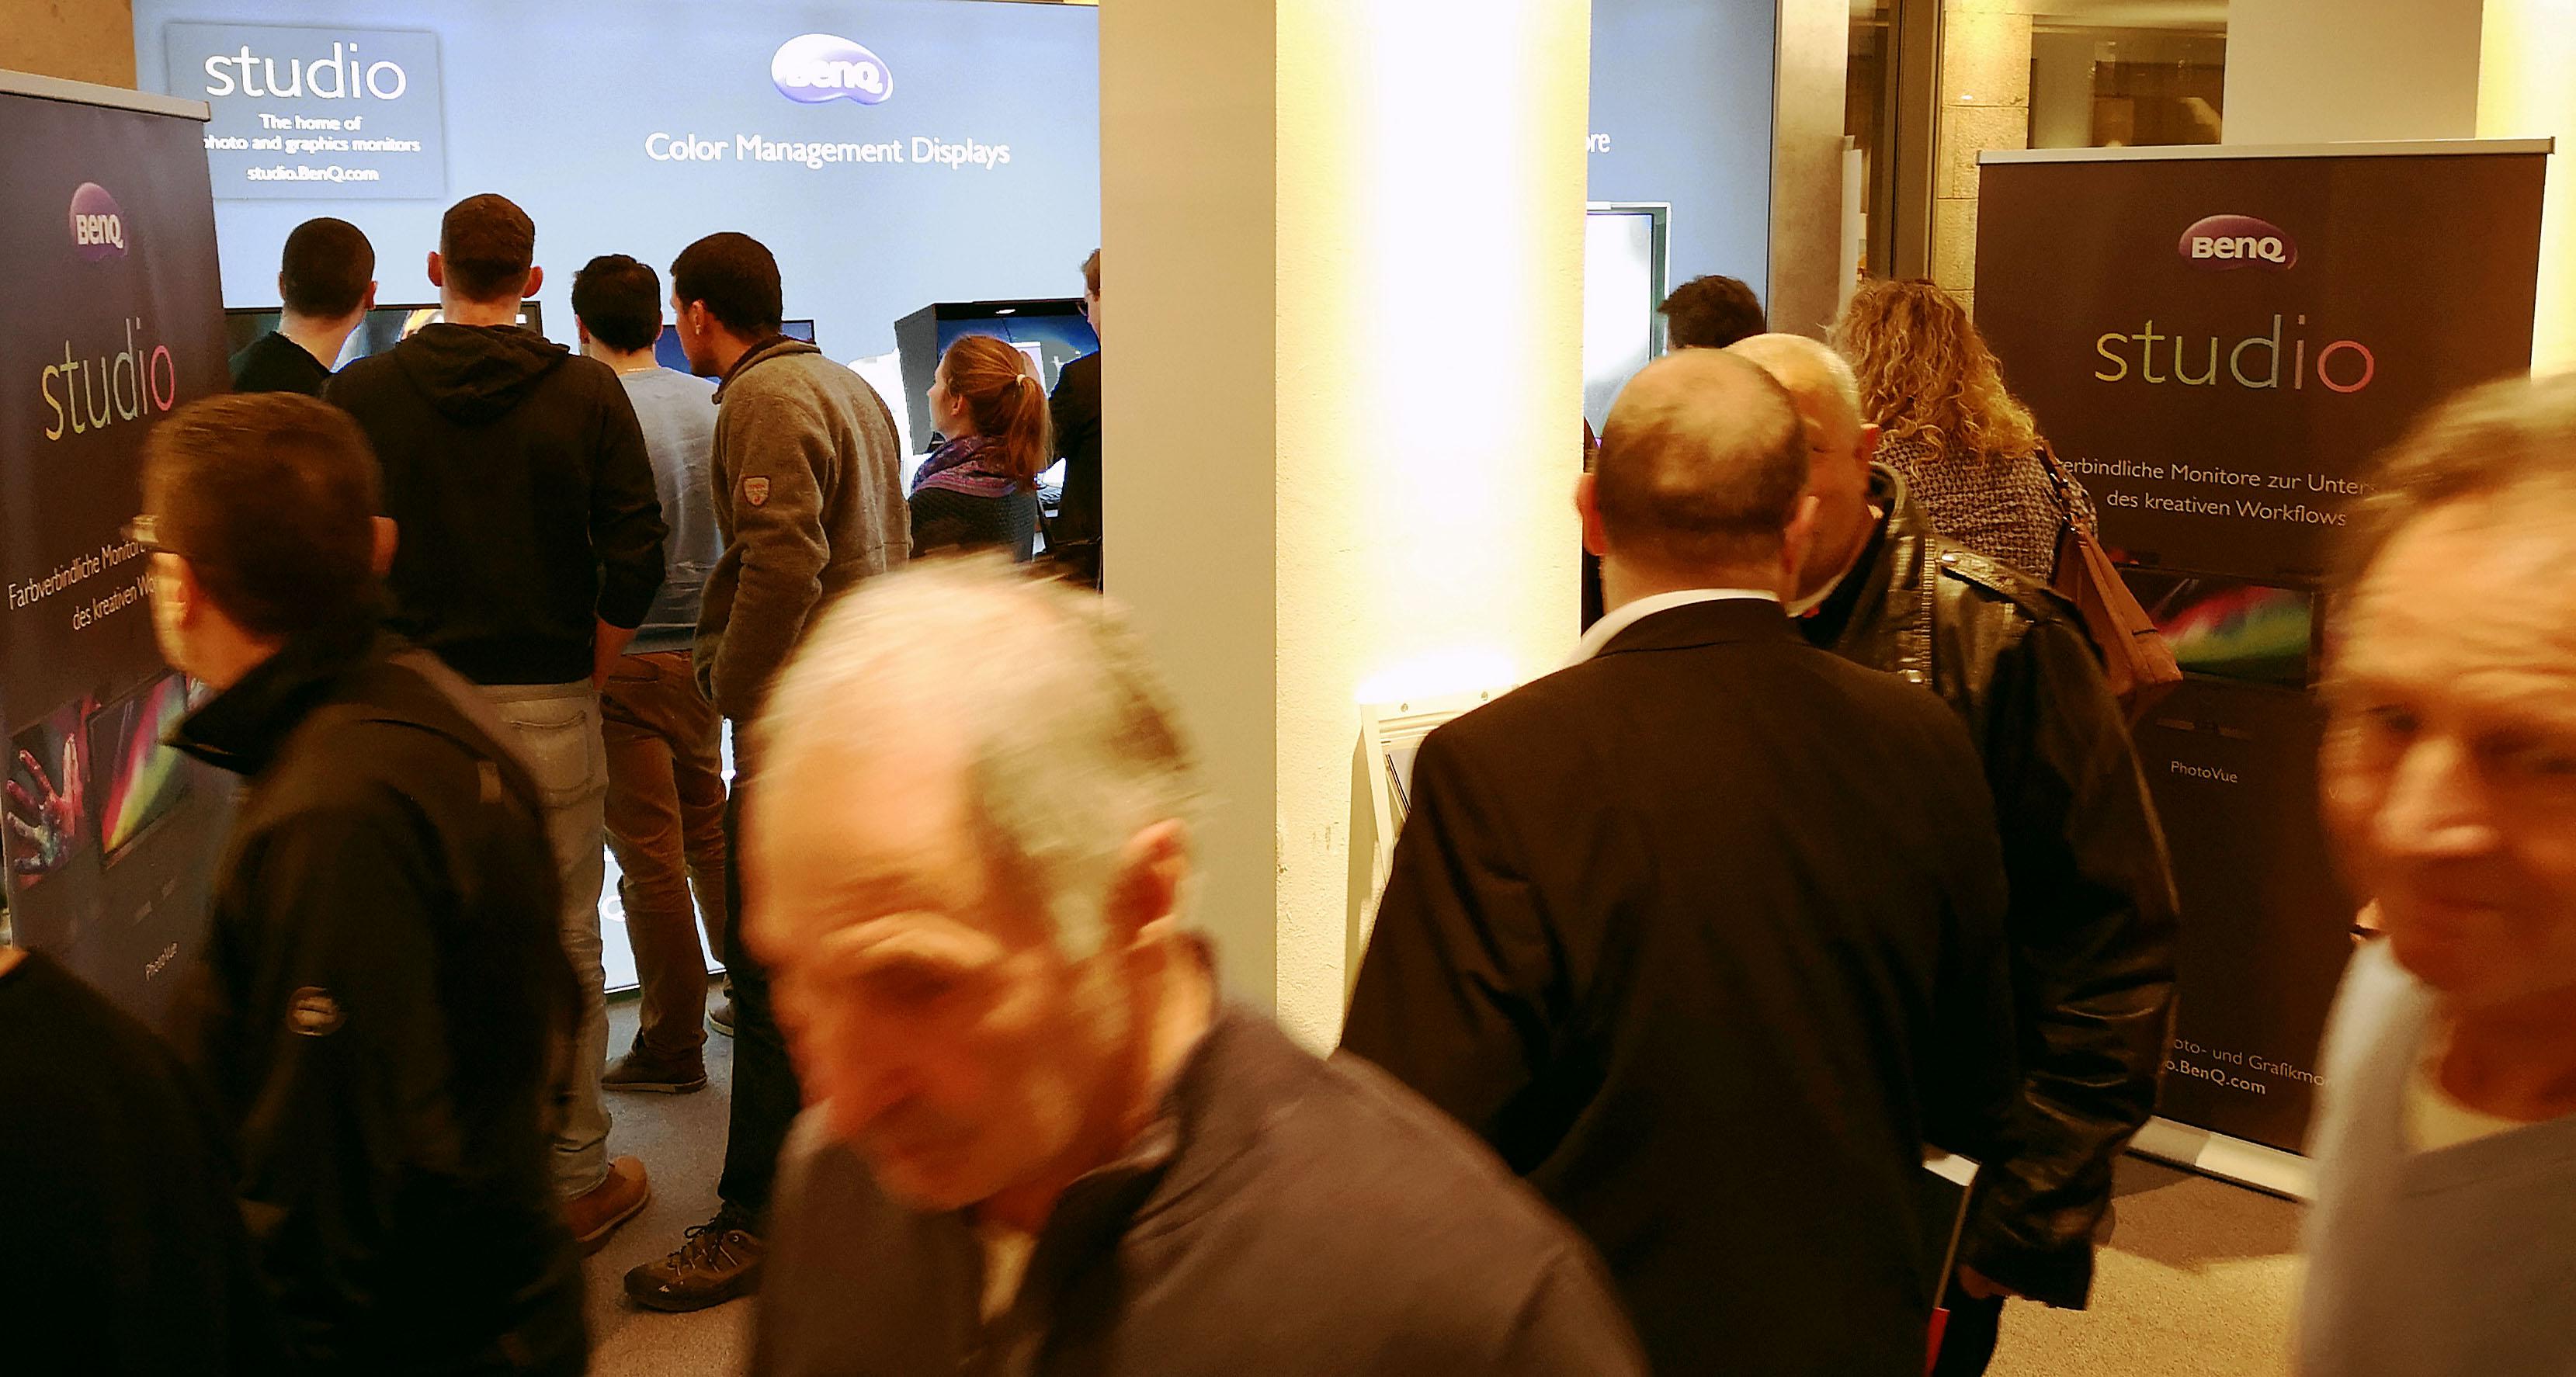 Foto: Michael B. Rehders - Nach dem Seminar fanden sich zahlreiche Besucher bei BenQ ein, um unter Anleitung selbst eine Hardwarekalibrierung durchzuführen.